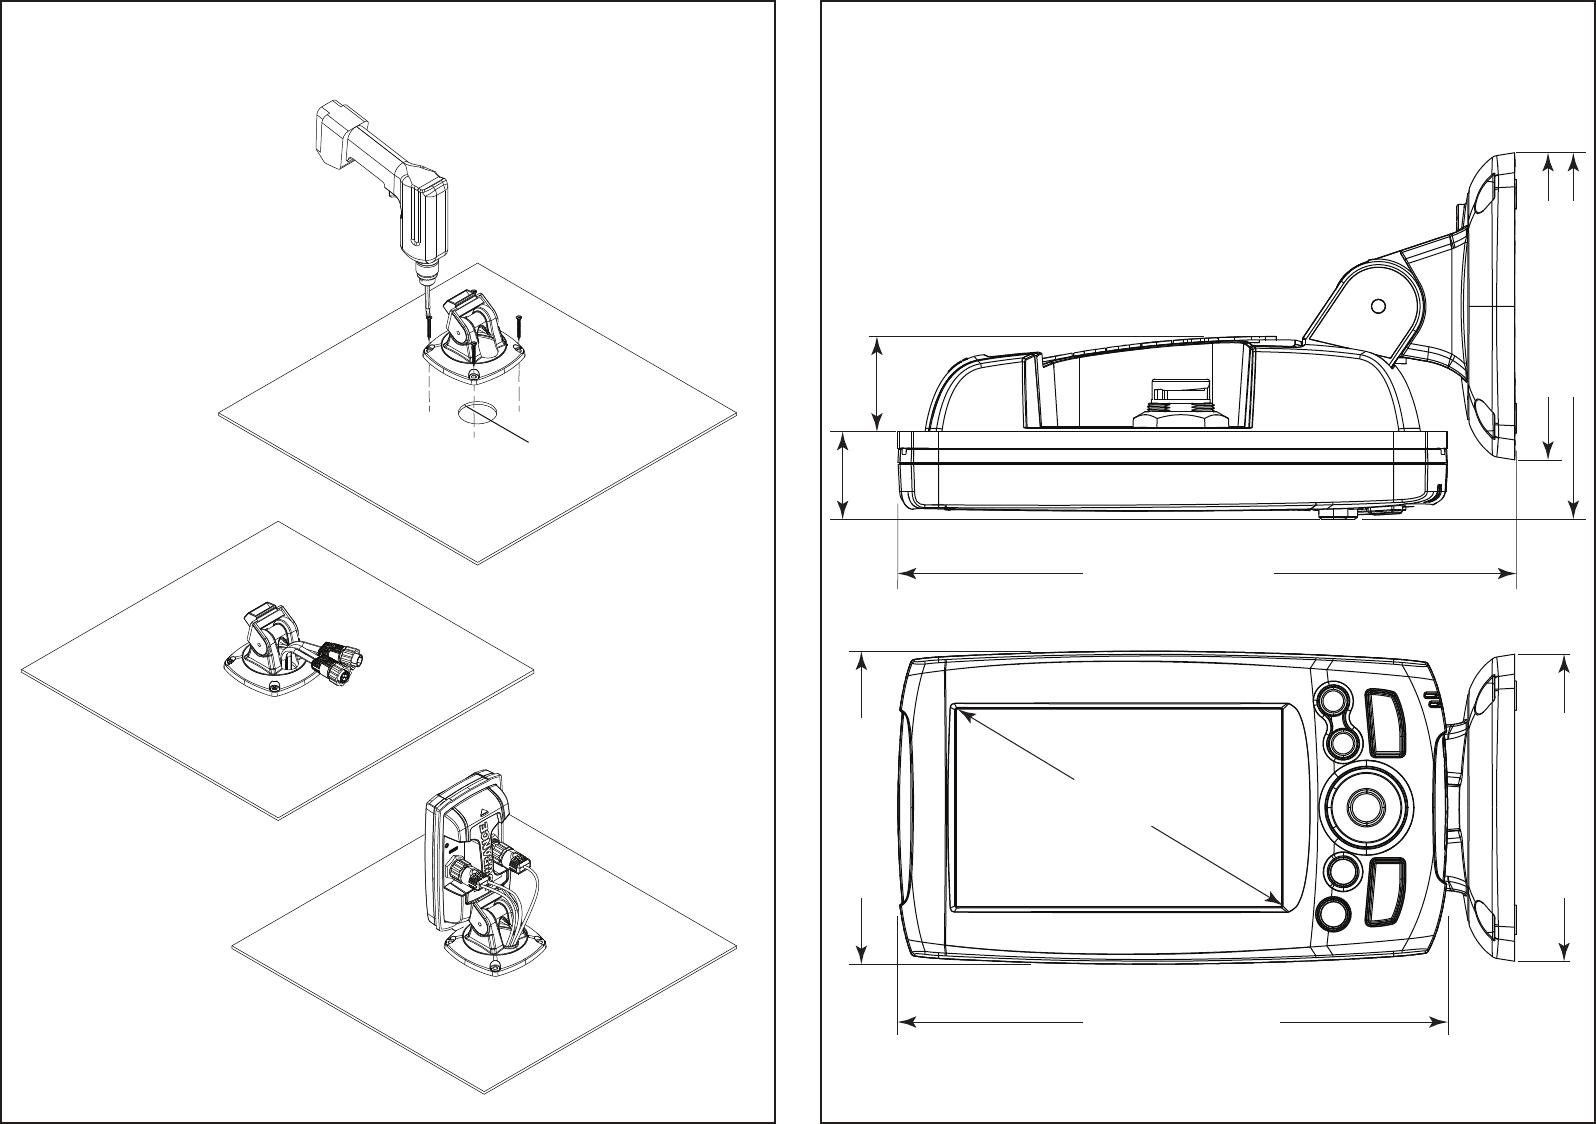 Bedienungsanleitung Lowrance Mark 4 Hdi Seite 1 Von Englisch Wiring Diagram